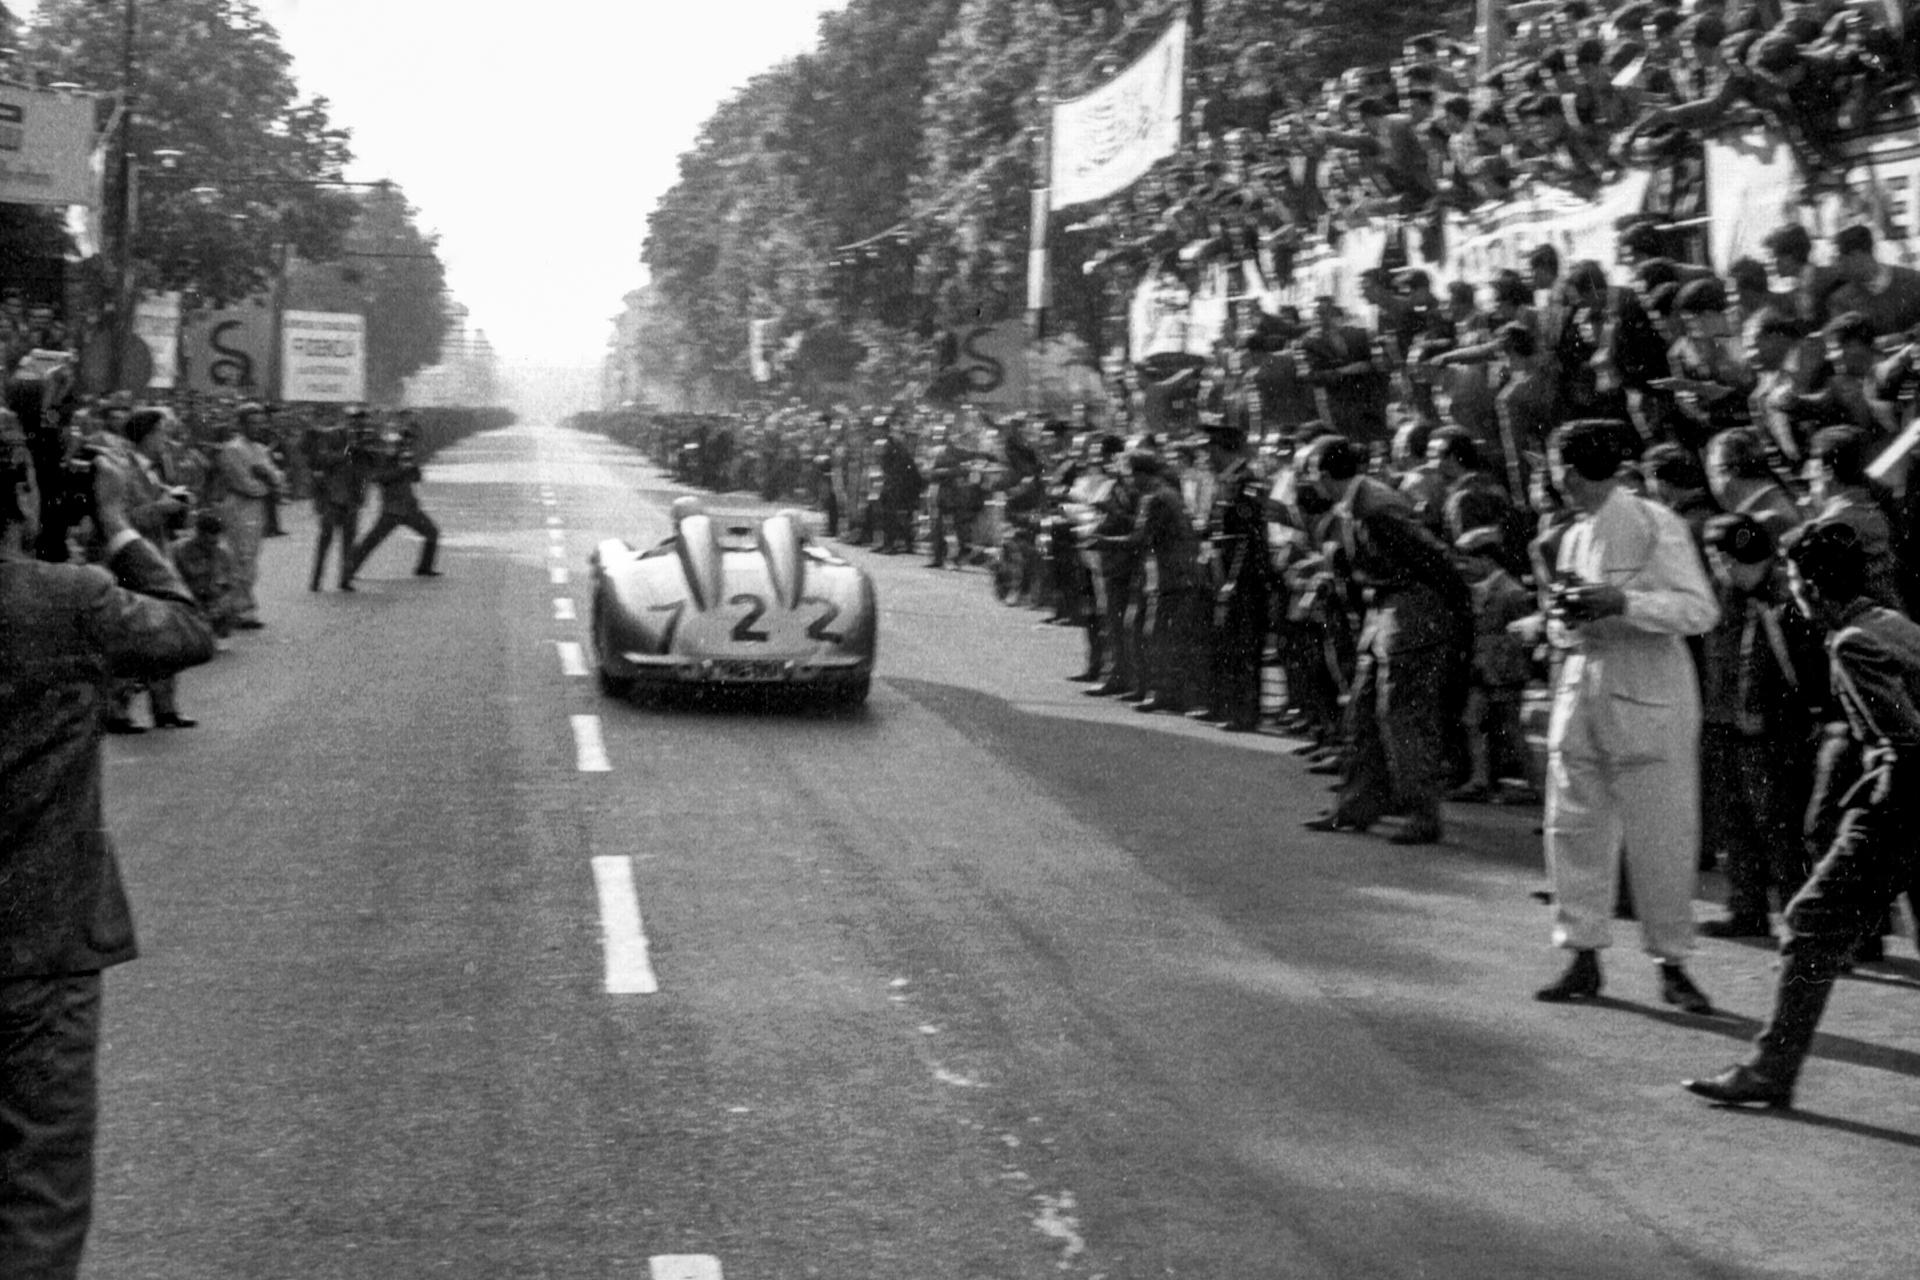 Mercedes-Benz 300 SLR Rennsportwagen (W 196 S). Foto von der Mille Miglia (Italien), 1. Mai 1955. Die späteren Sieger Stirling Moss/Denis Jenkinson im Fahrzeug mit der Startnummer 722 kurz nach dem Start in Brescia.